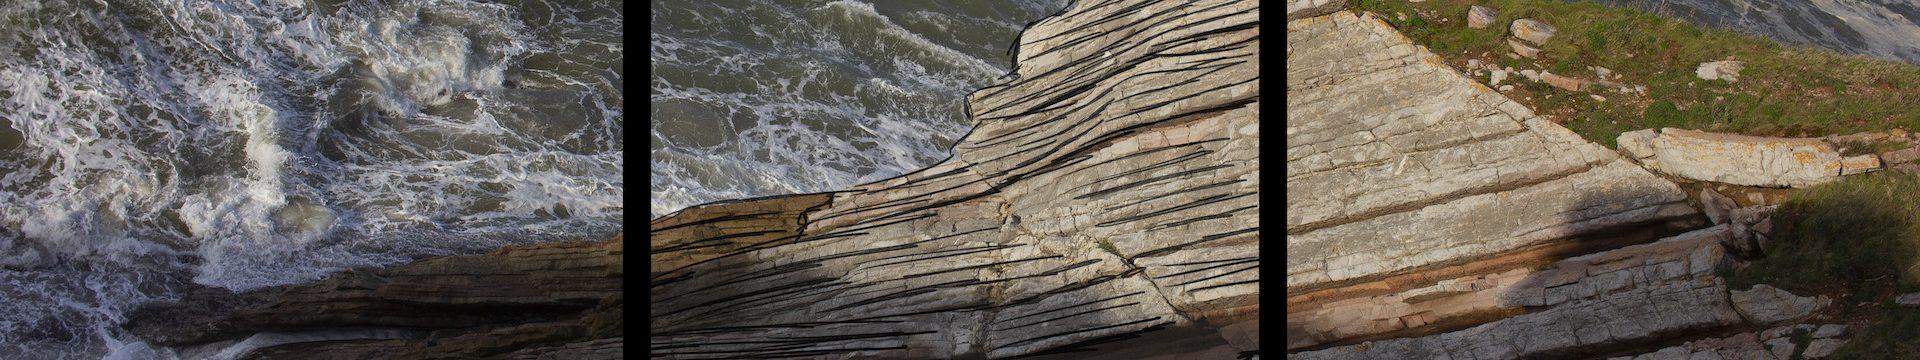 Geodarte: el arte de la geología